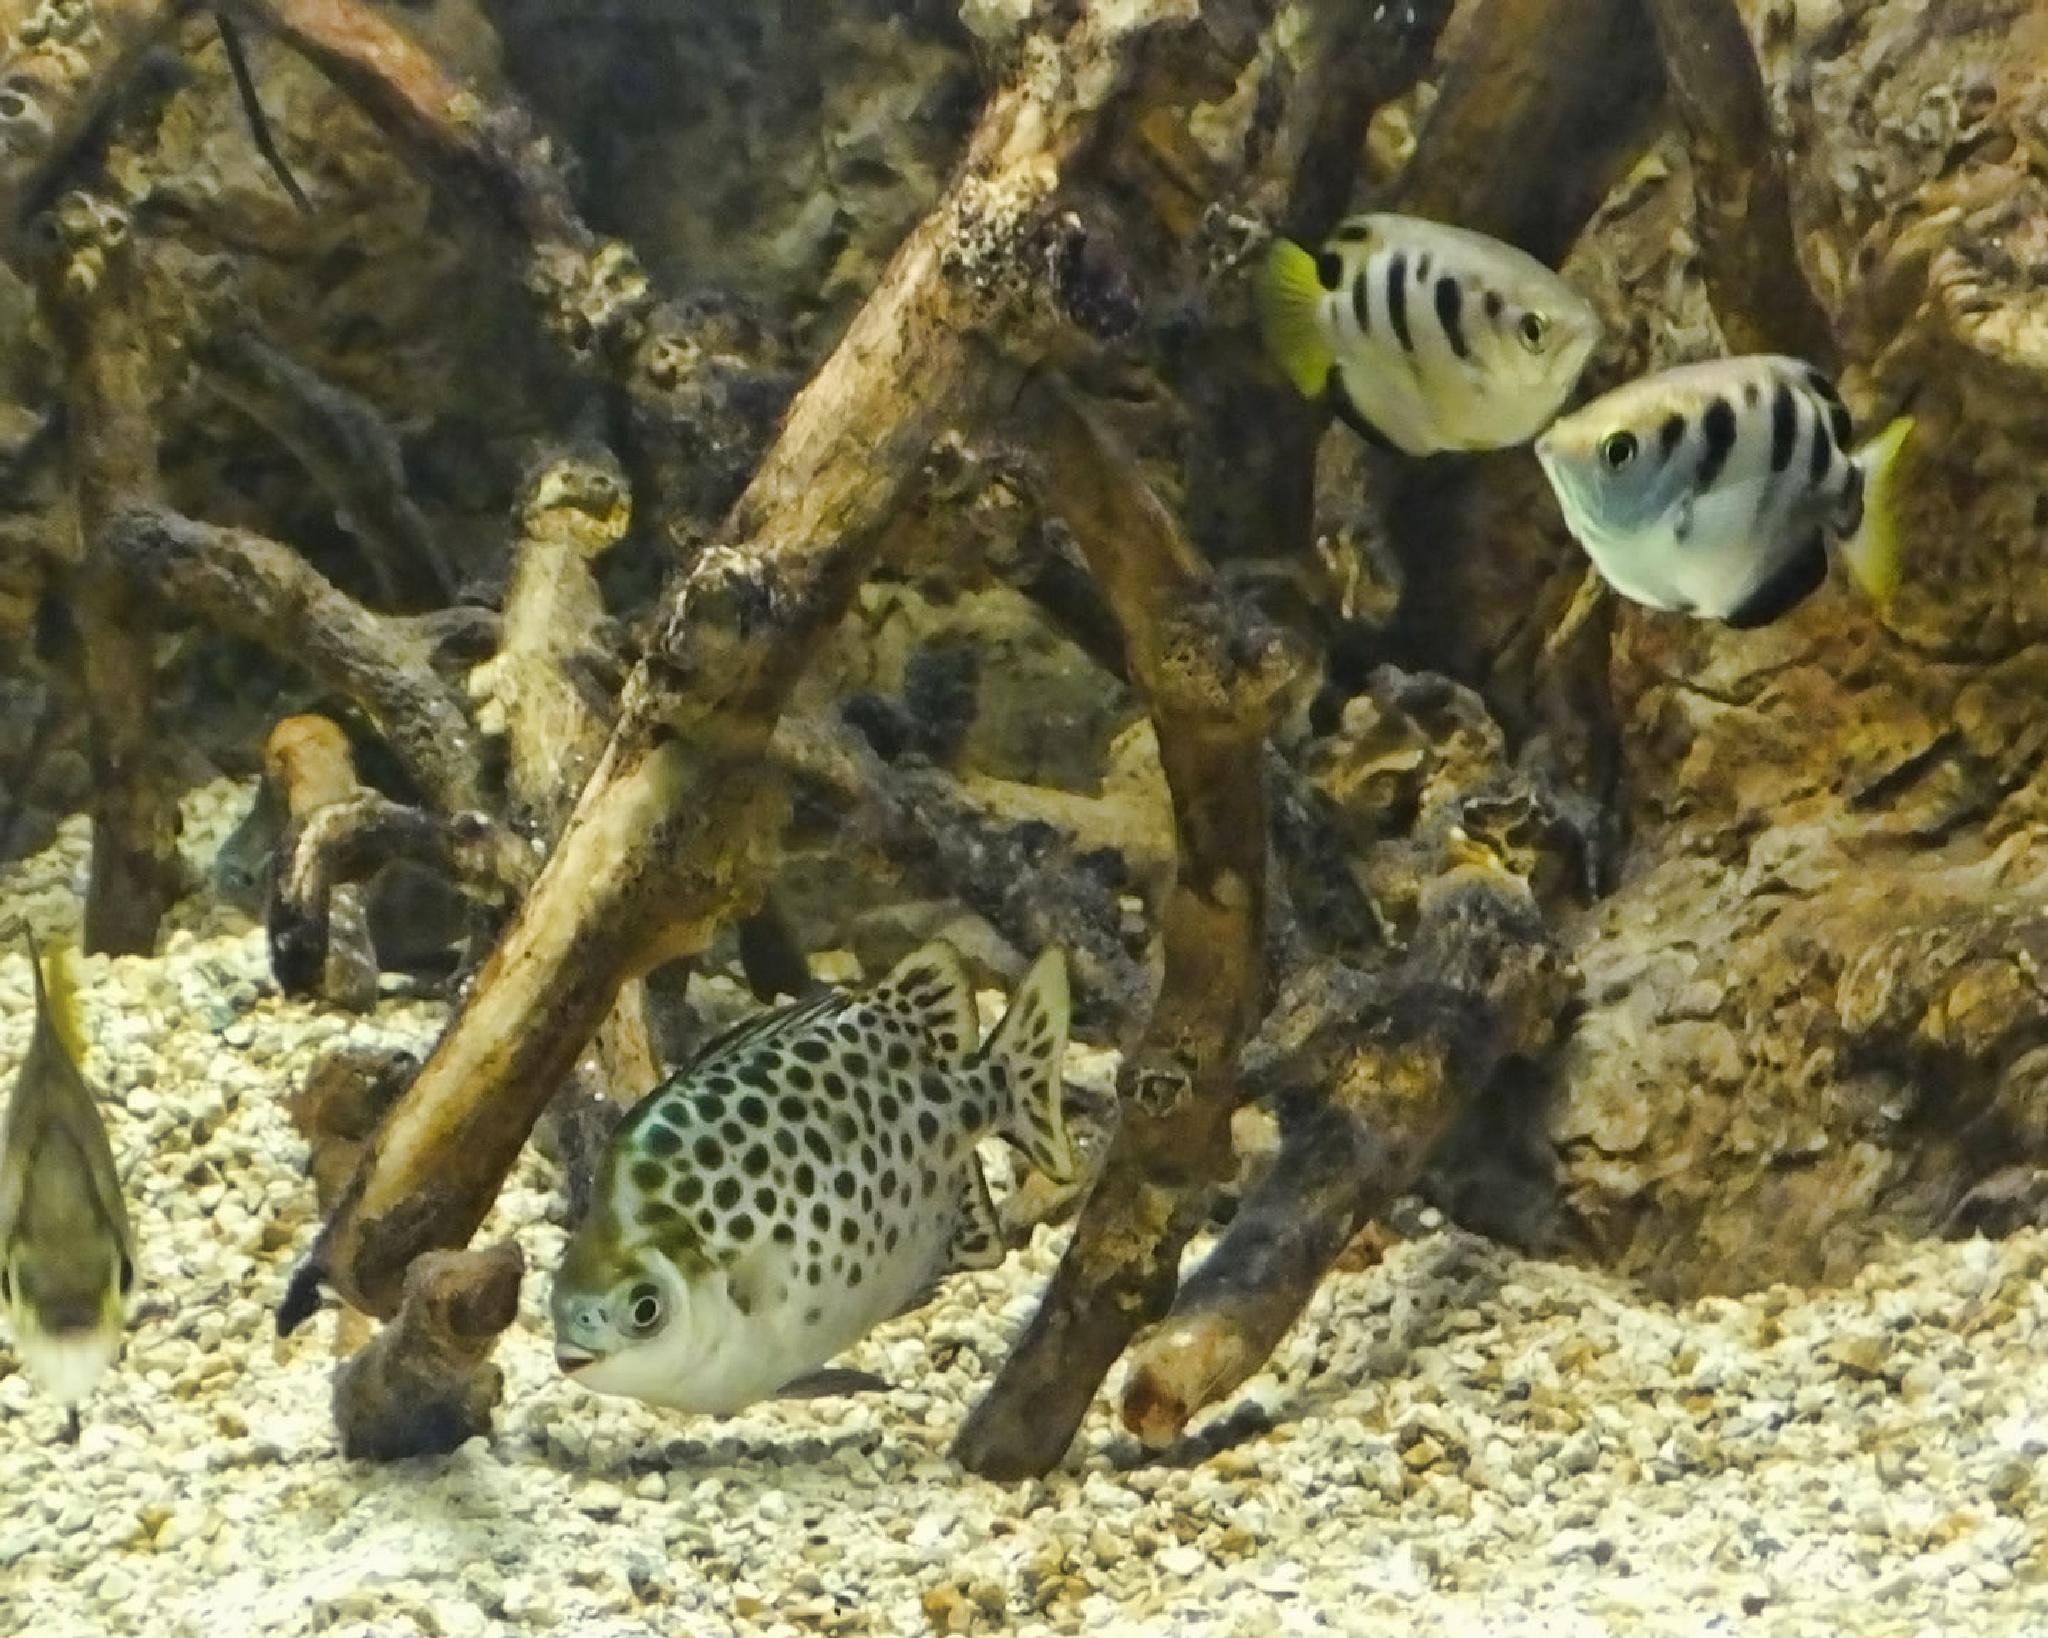 Tropical Fish by Lynn A Marie